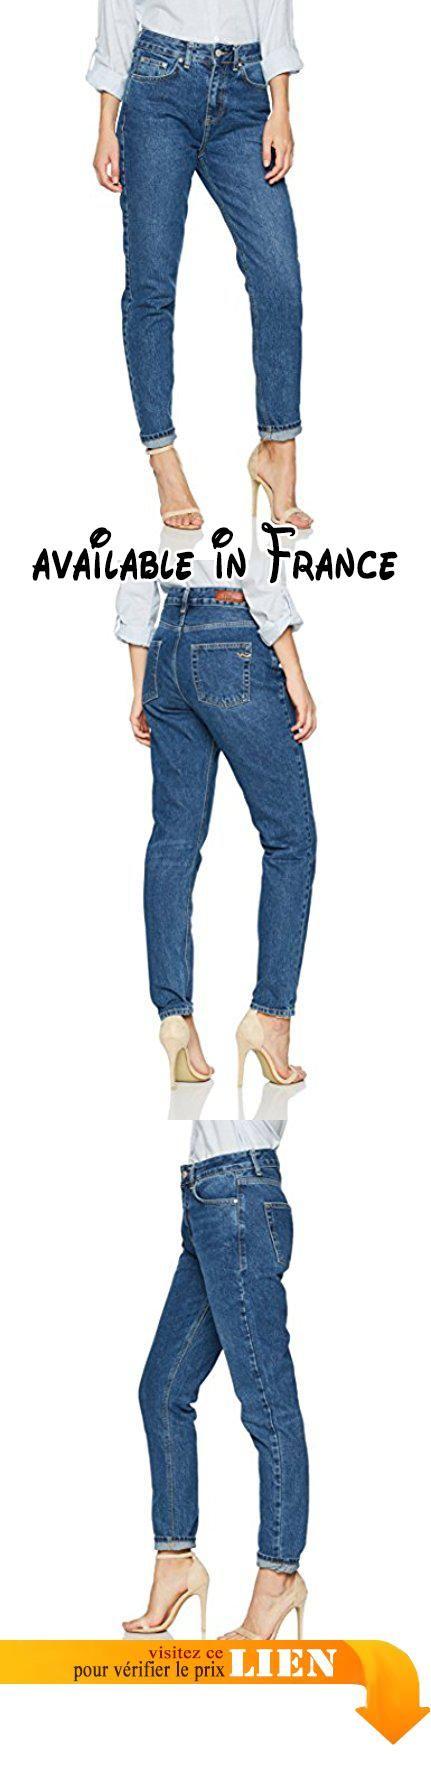 LTB Jeans Norah, Jean Coupe Droite Femme, Blau (Talon Wash 50482), W32.  #Apparel #PANTS